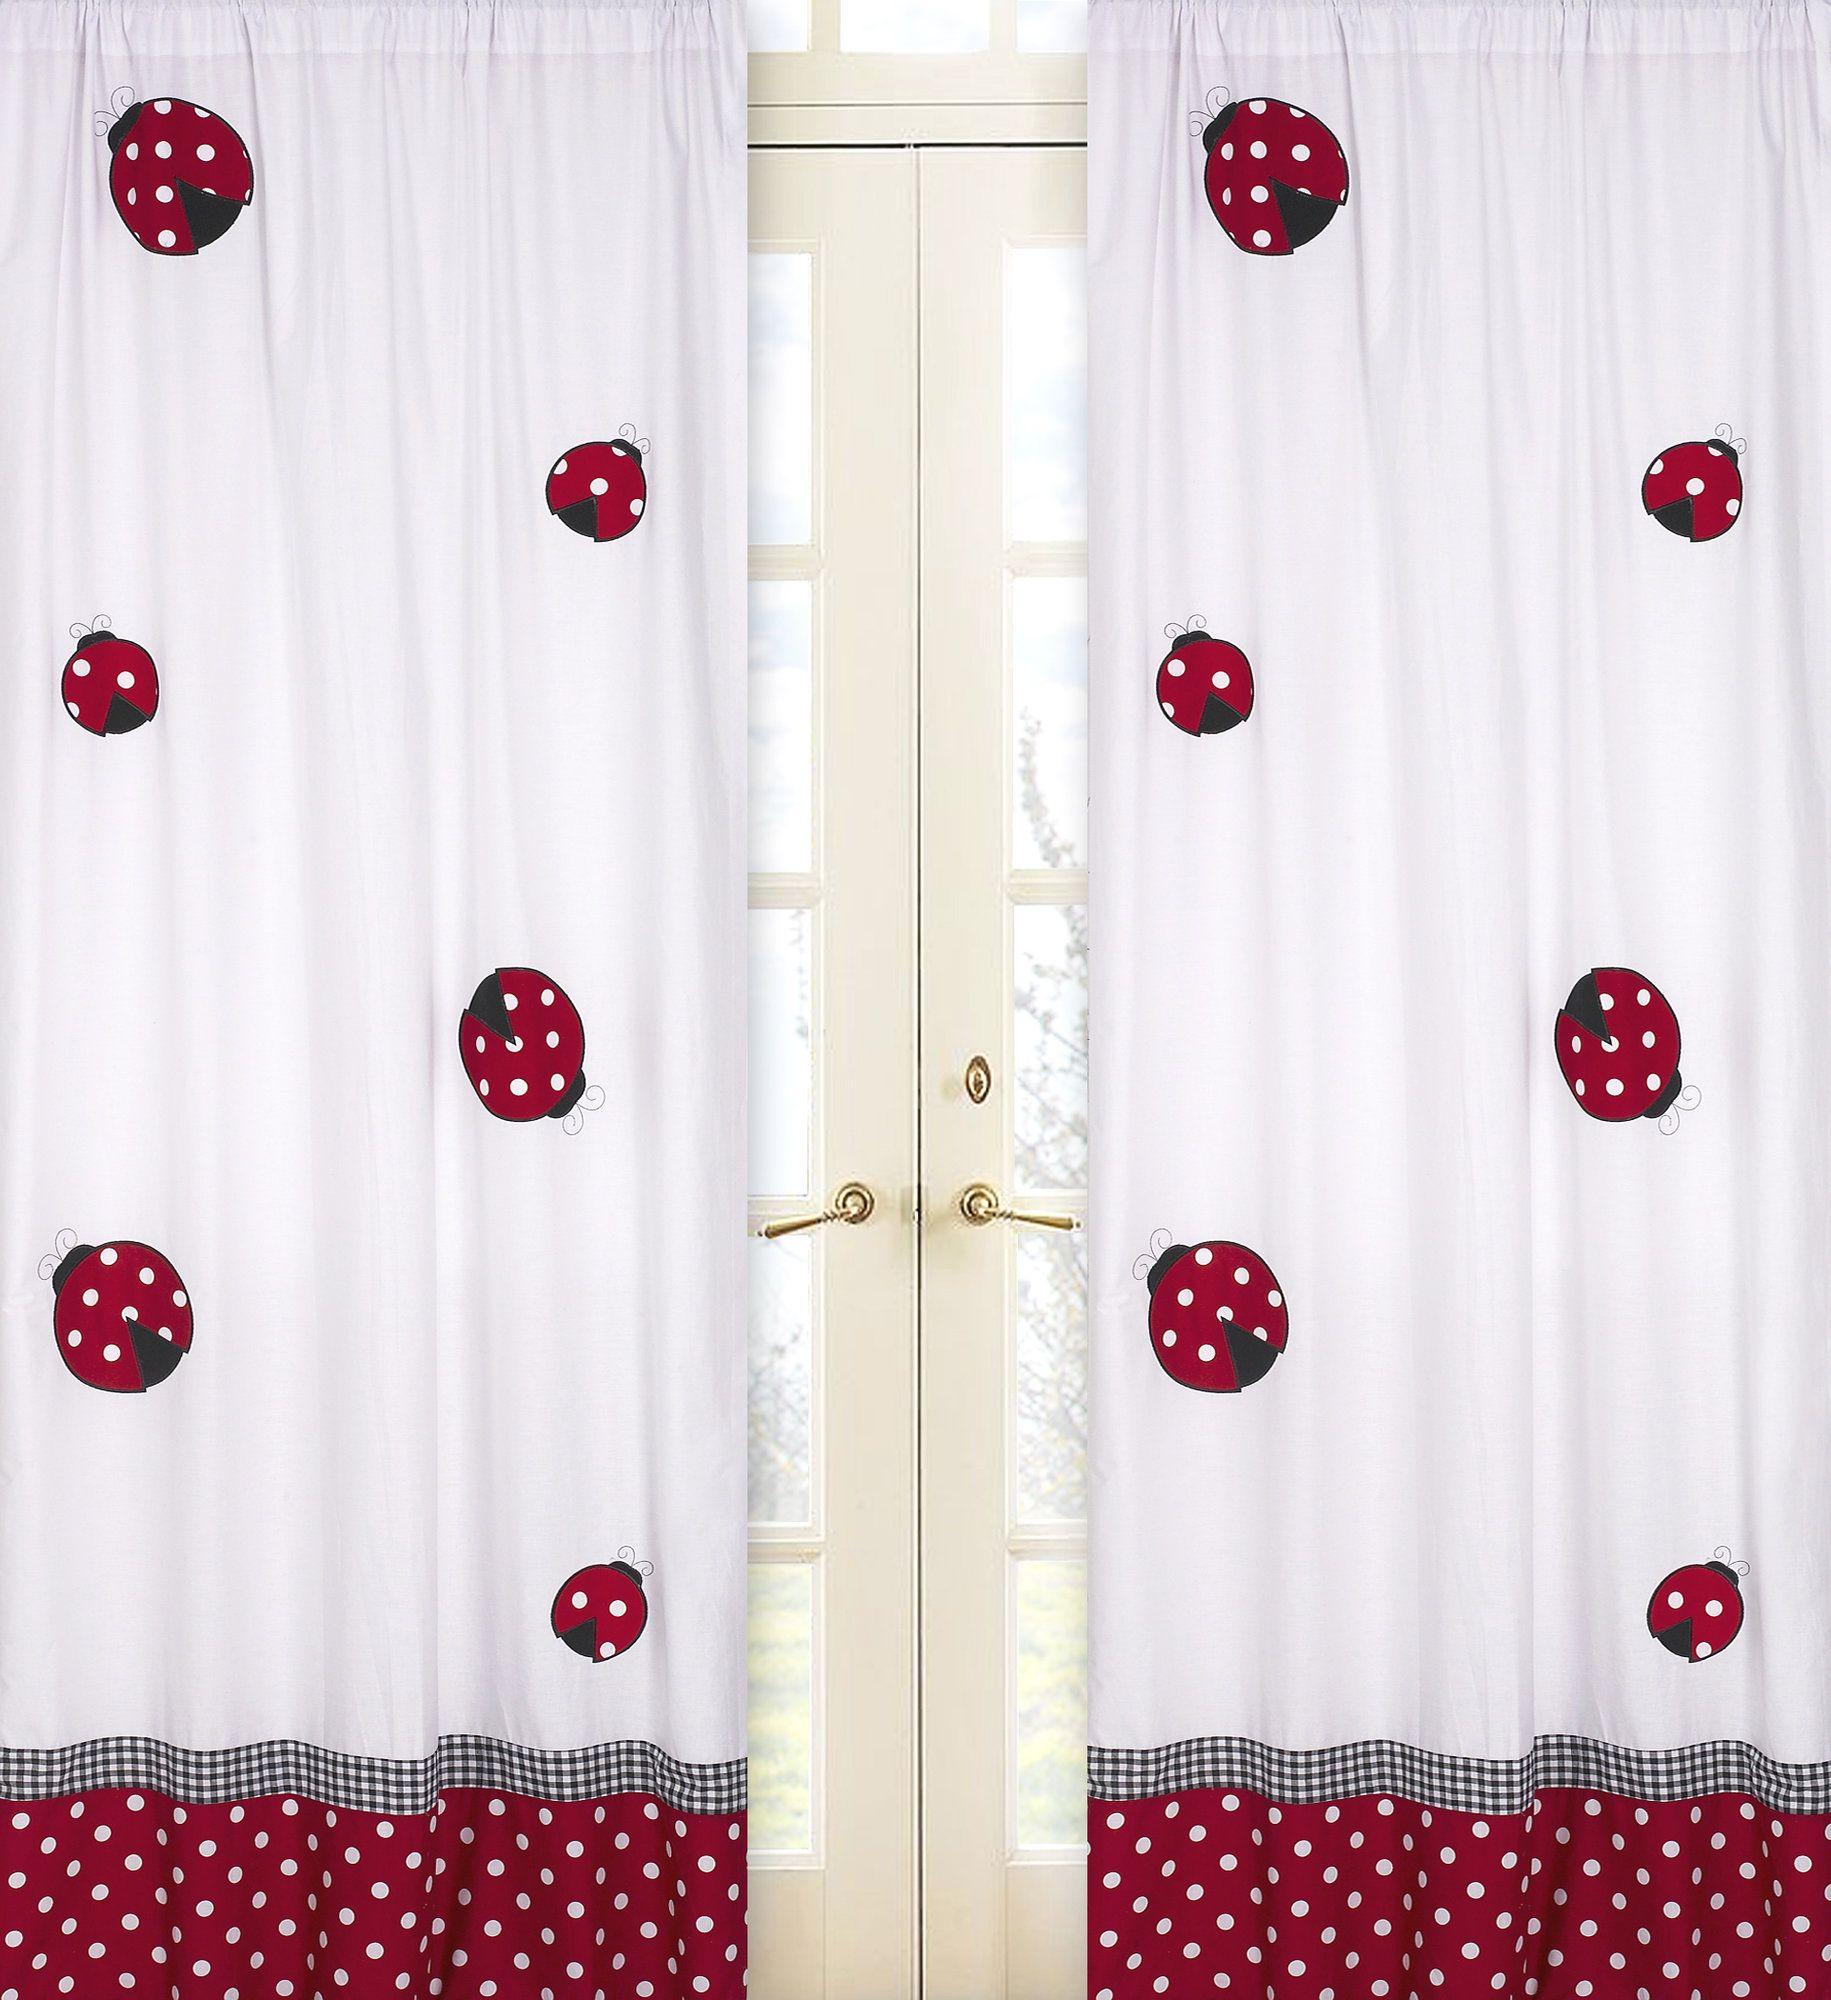 Little ladybug wildlife semisheer rod pocket curtain panels products